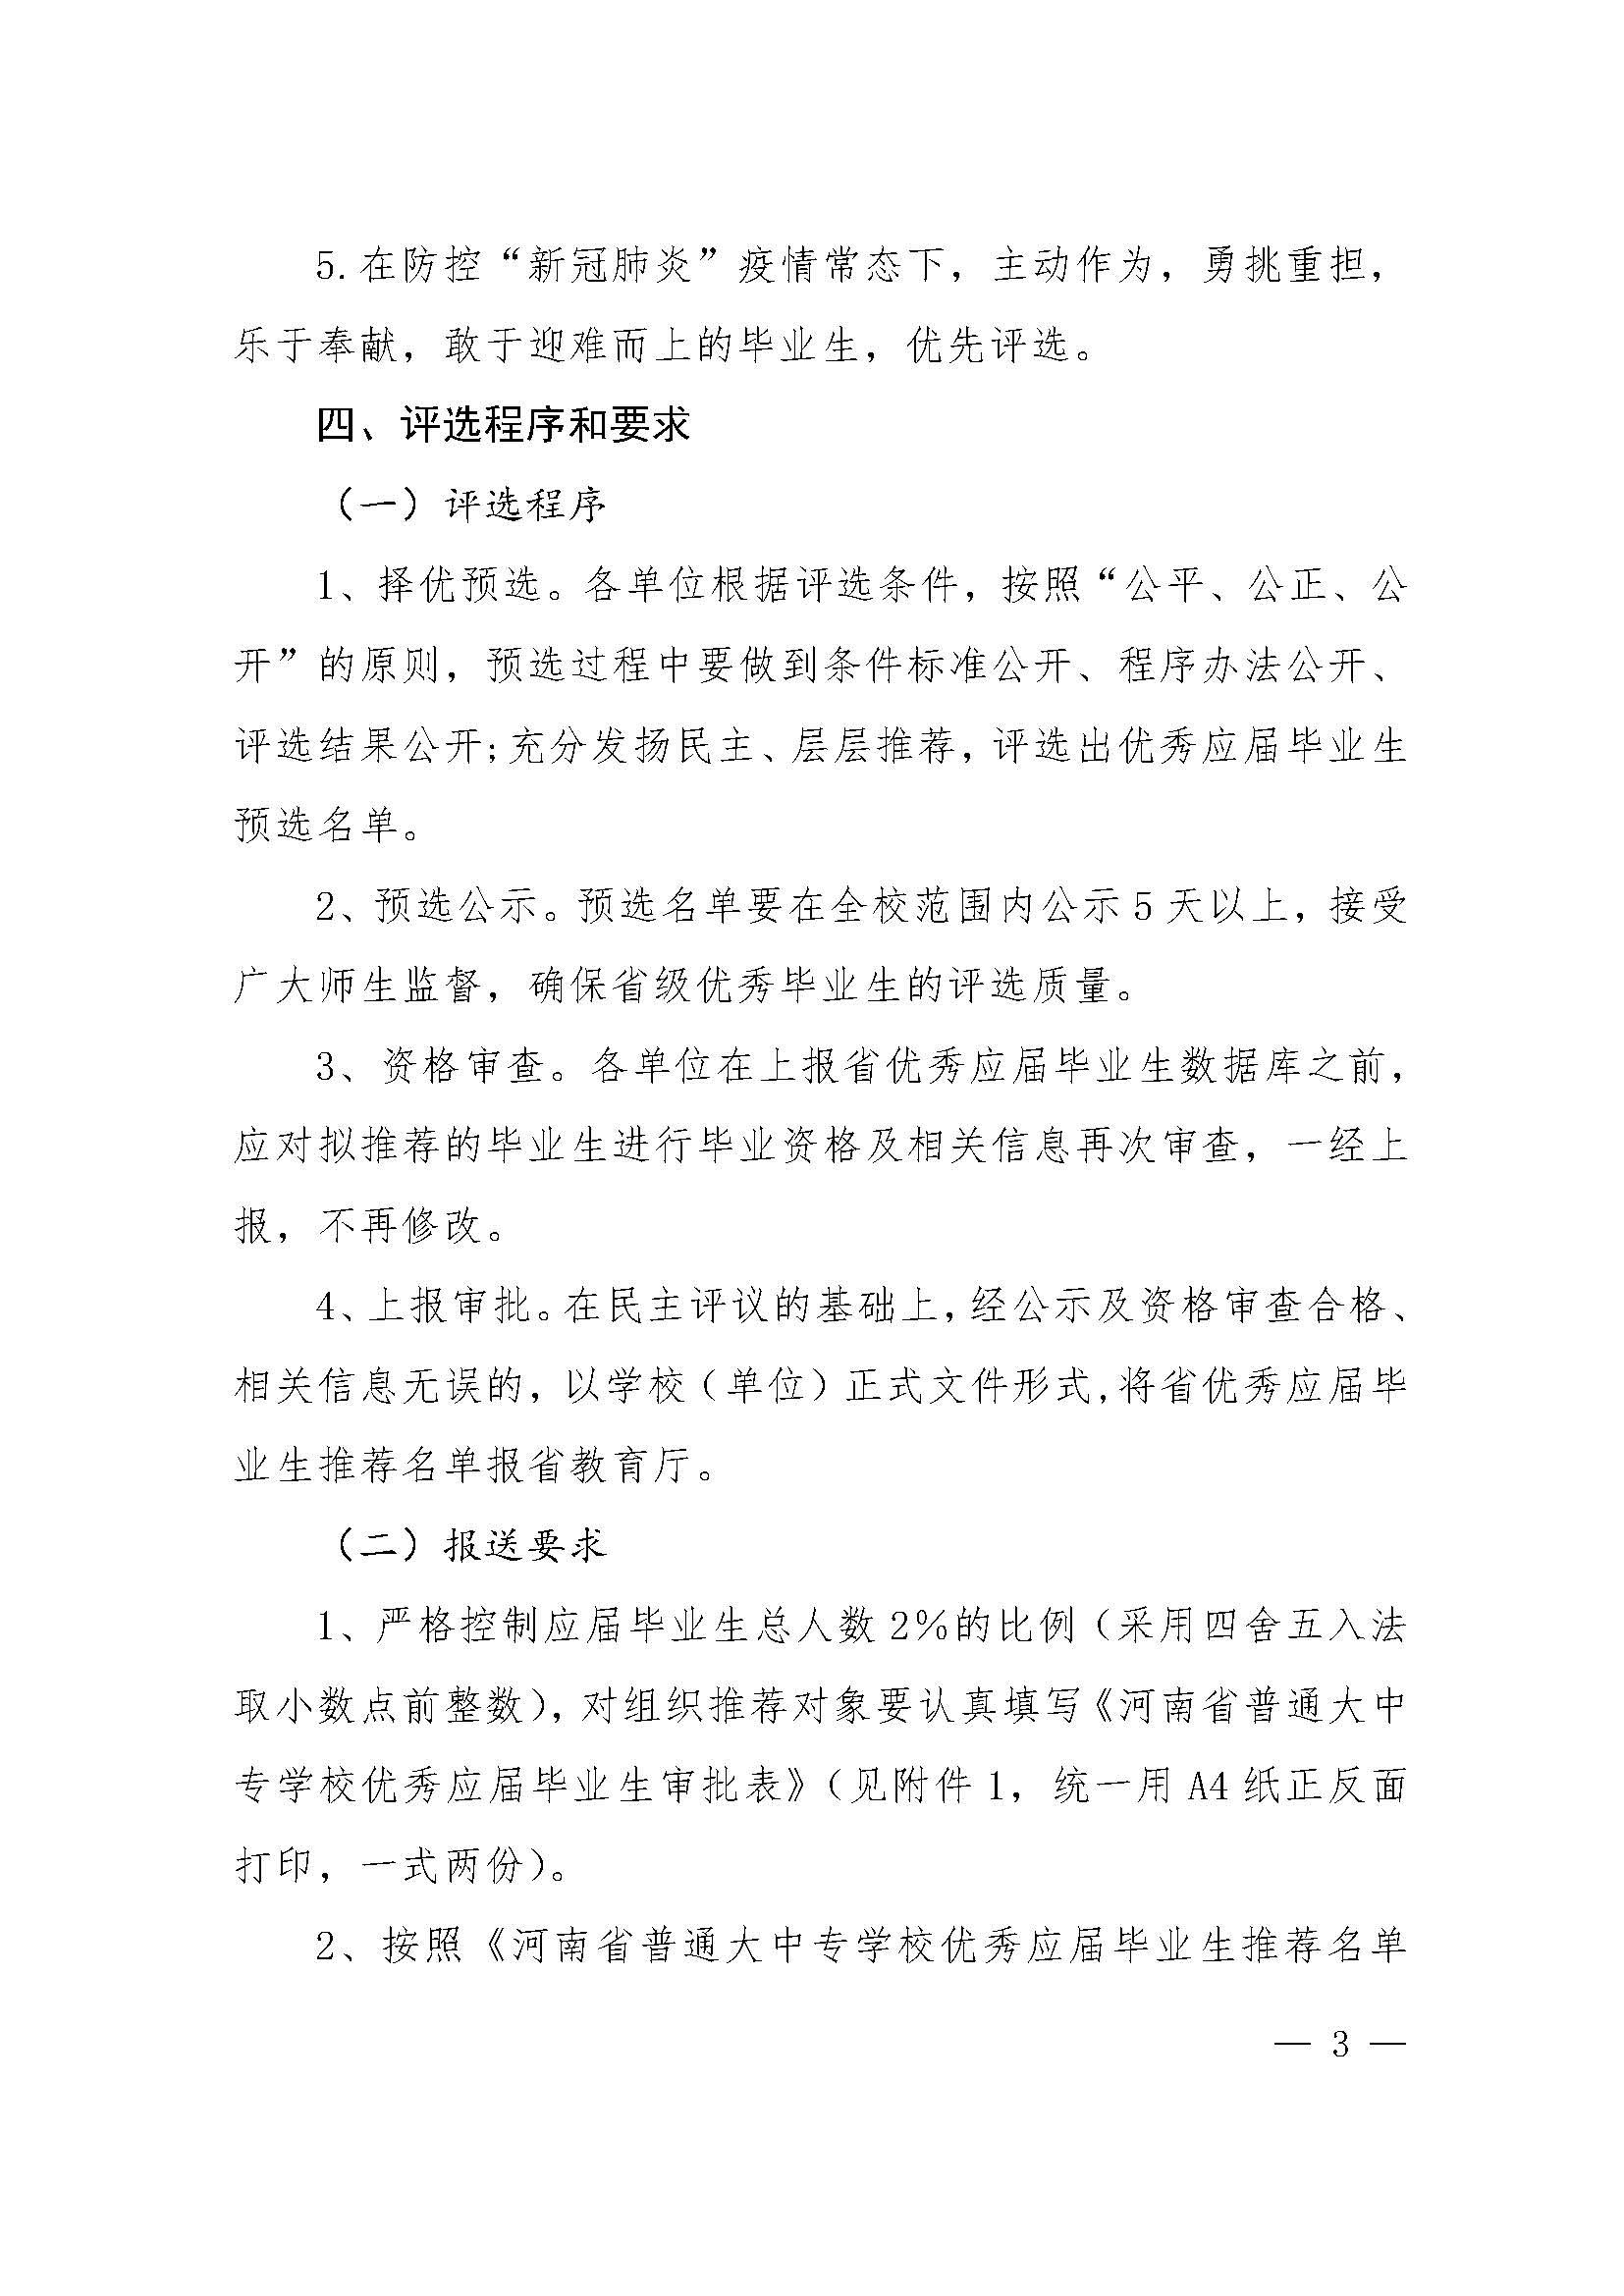 河南省教育厅办公室关于评选河南省普通大中专学校2021年优秀应届毕业生的通知_页面_03.jpg